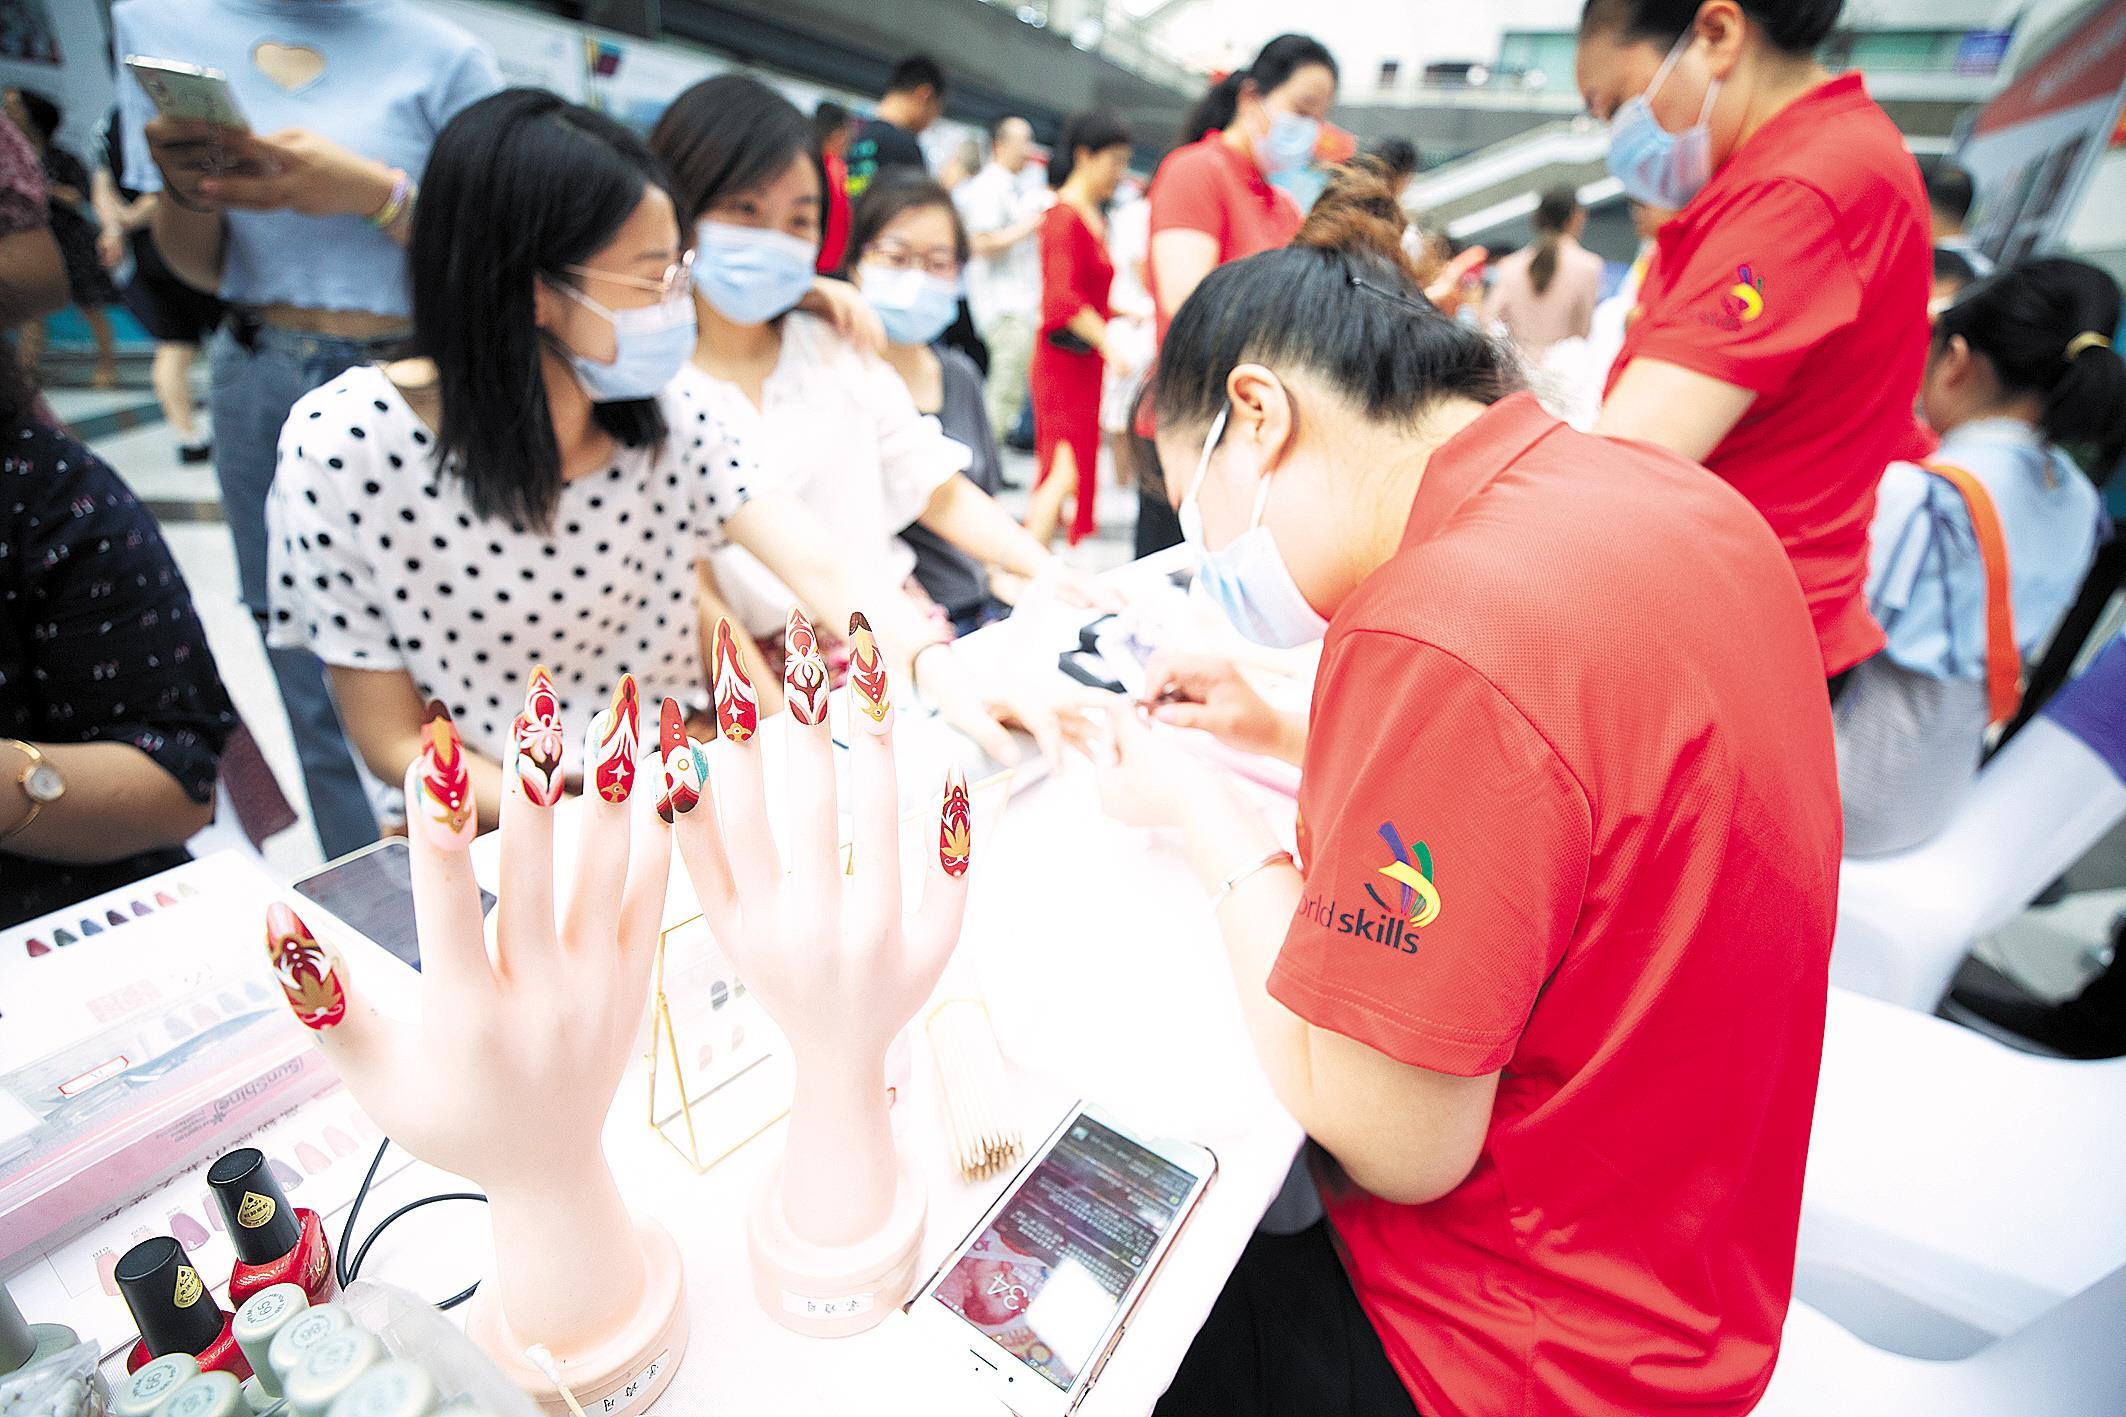 世界青年技能日主題推廣活動啟動